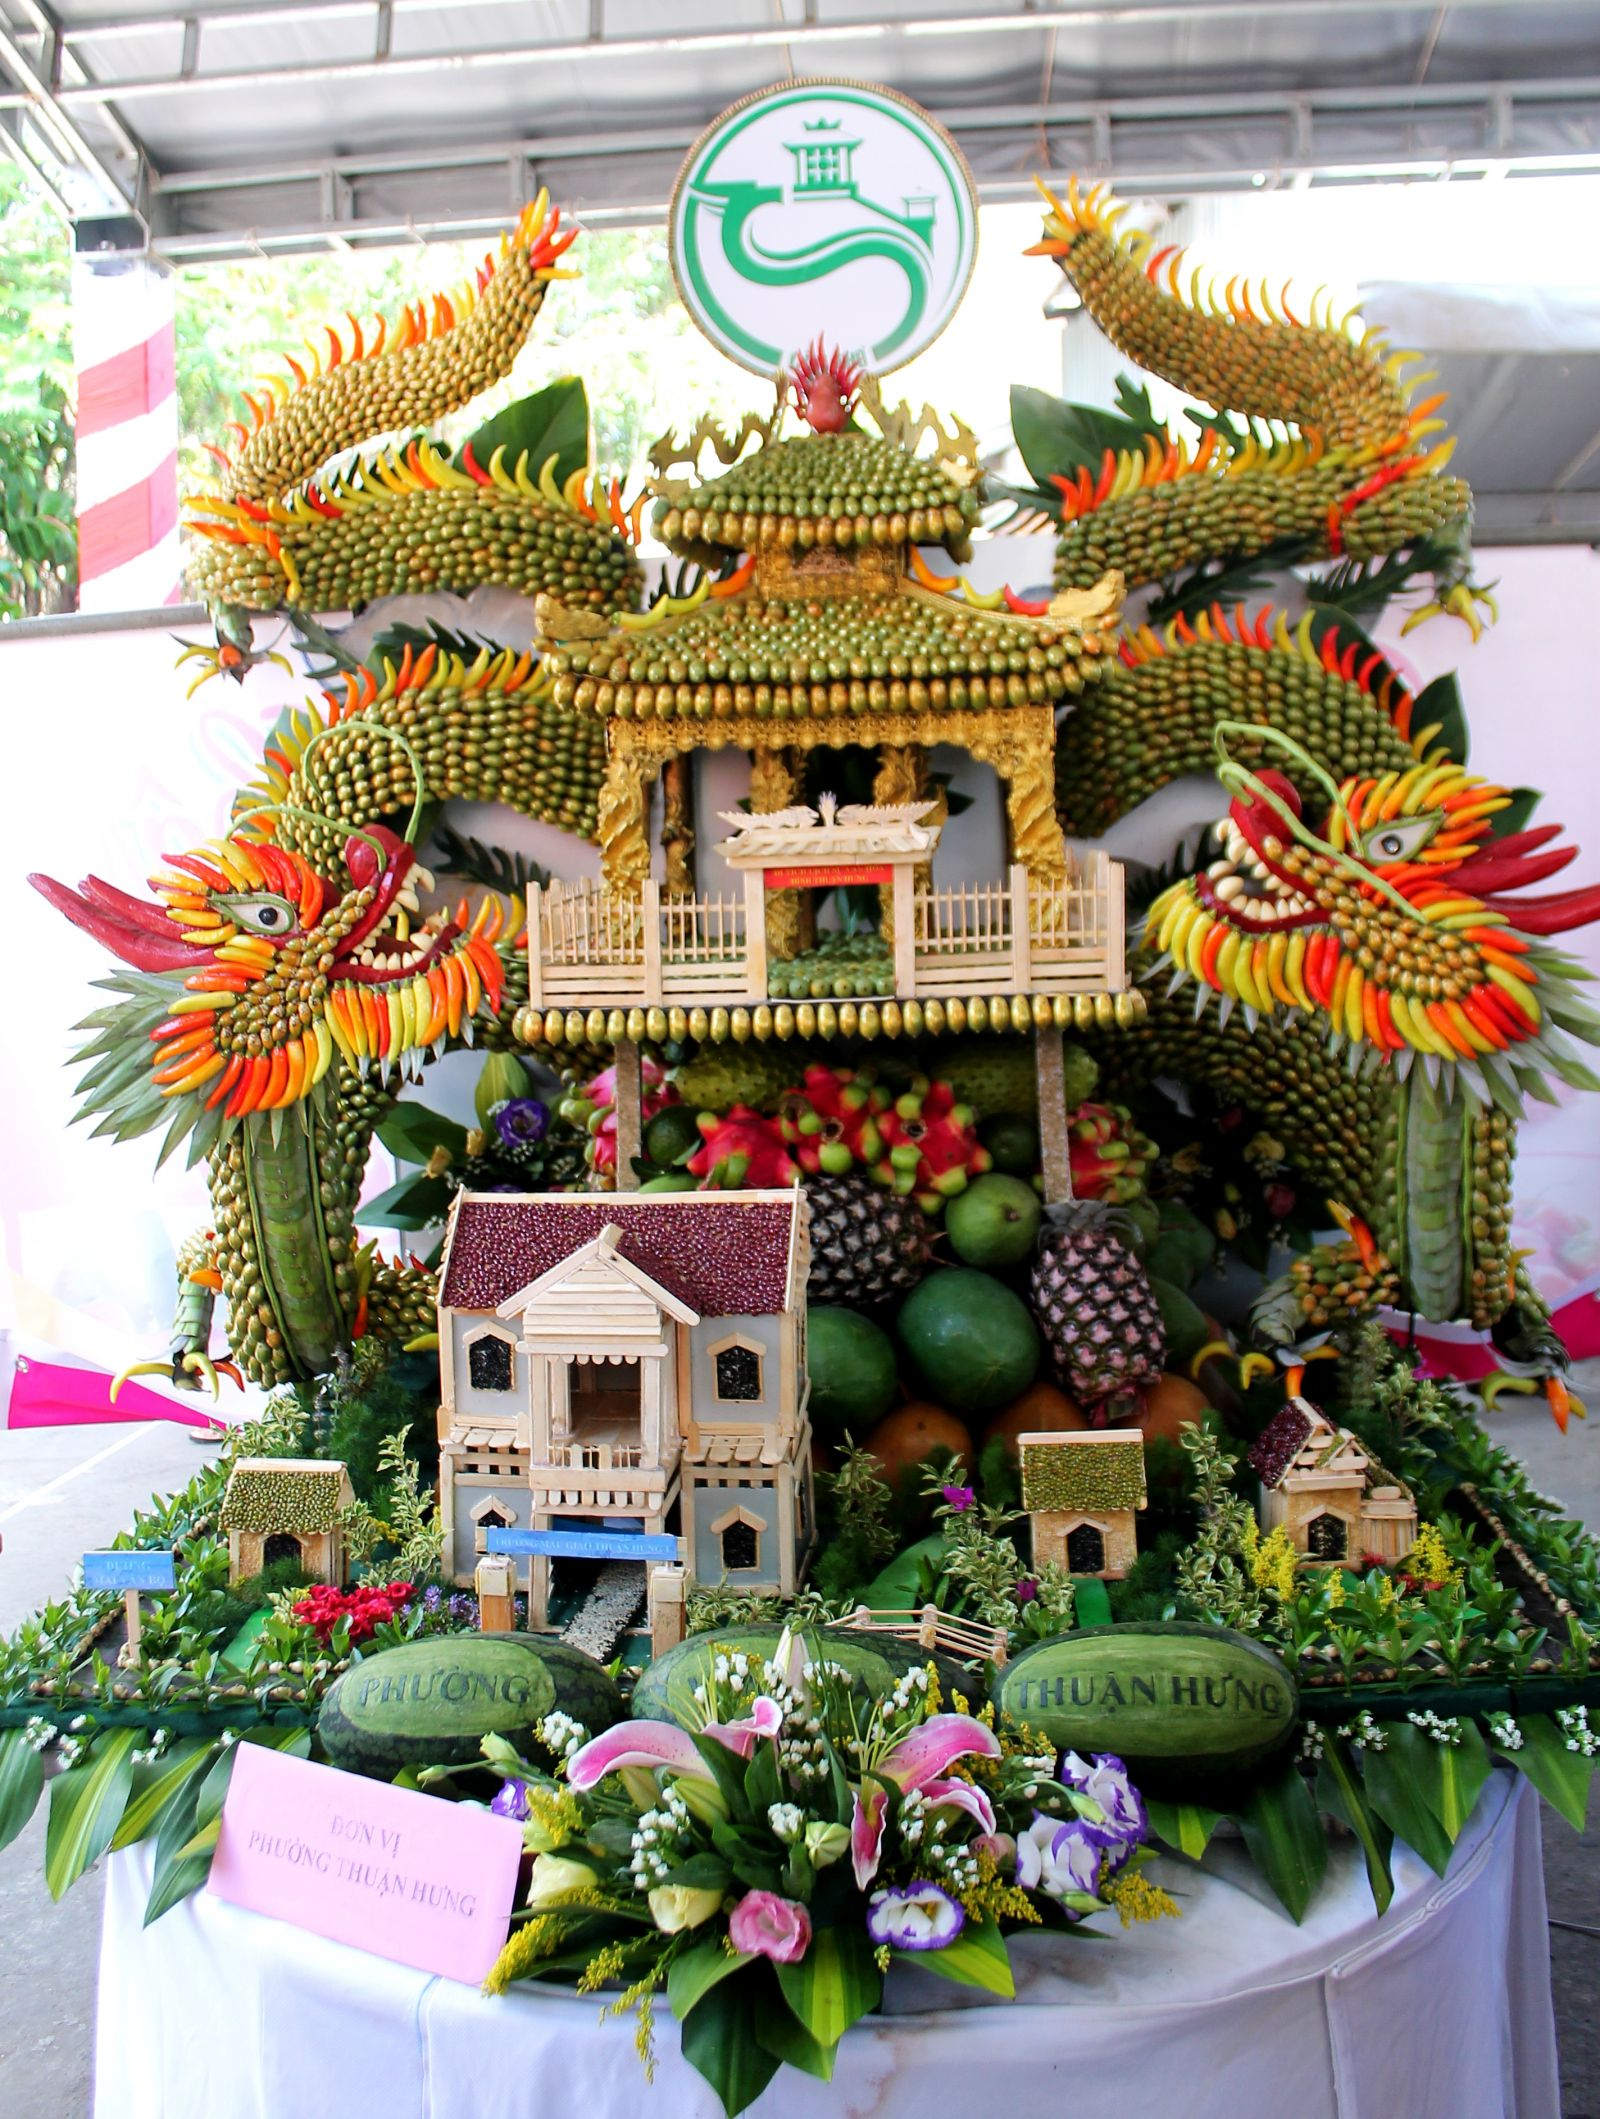 Mâm trái cây của phường Thuận Hưng với các mô hình tiêu biểu: đình, trường học, nhà cửa trên địa bàn phường.